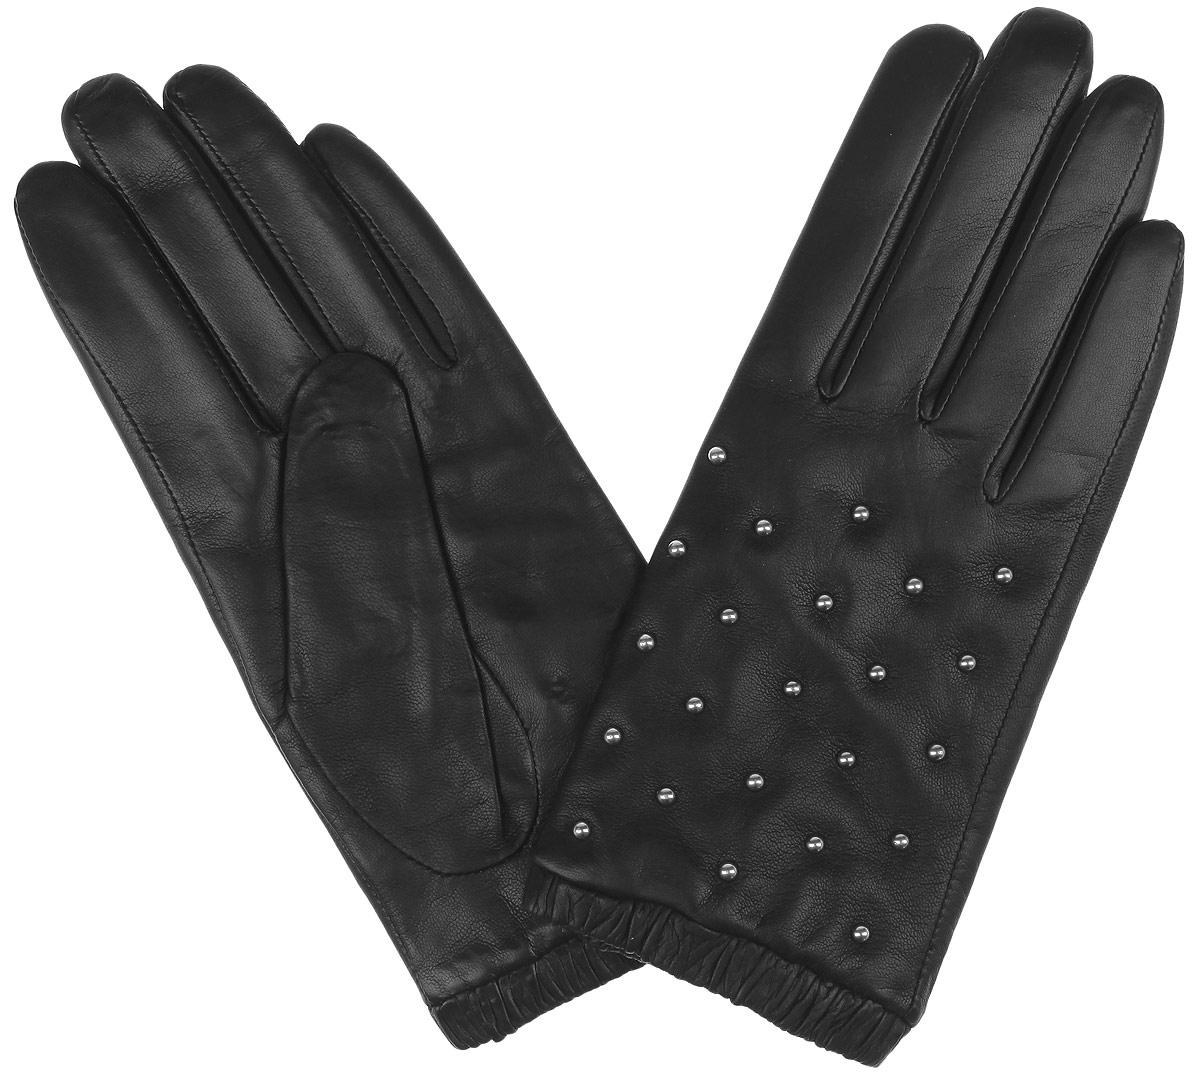 2.65-1 blackМодные женские перчатки Fabretti выполнены из кожи эфиопского ягненка, а их подкладка - из шерсти с добавлением кашемира. Лицевая сторона украшена металлическими хольнитенами. Манжеты оснащены эластичными резинками для оптимальной посадки модели на руке. Перчатки станут завершающим и подчеркивающим элементом вашего стиля и неповторимости.